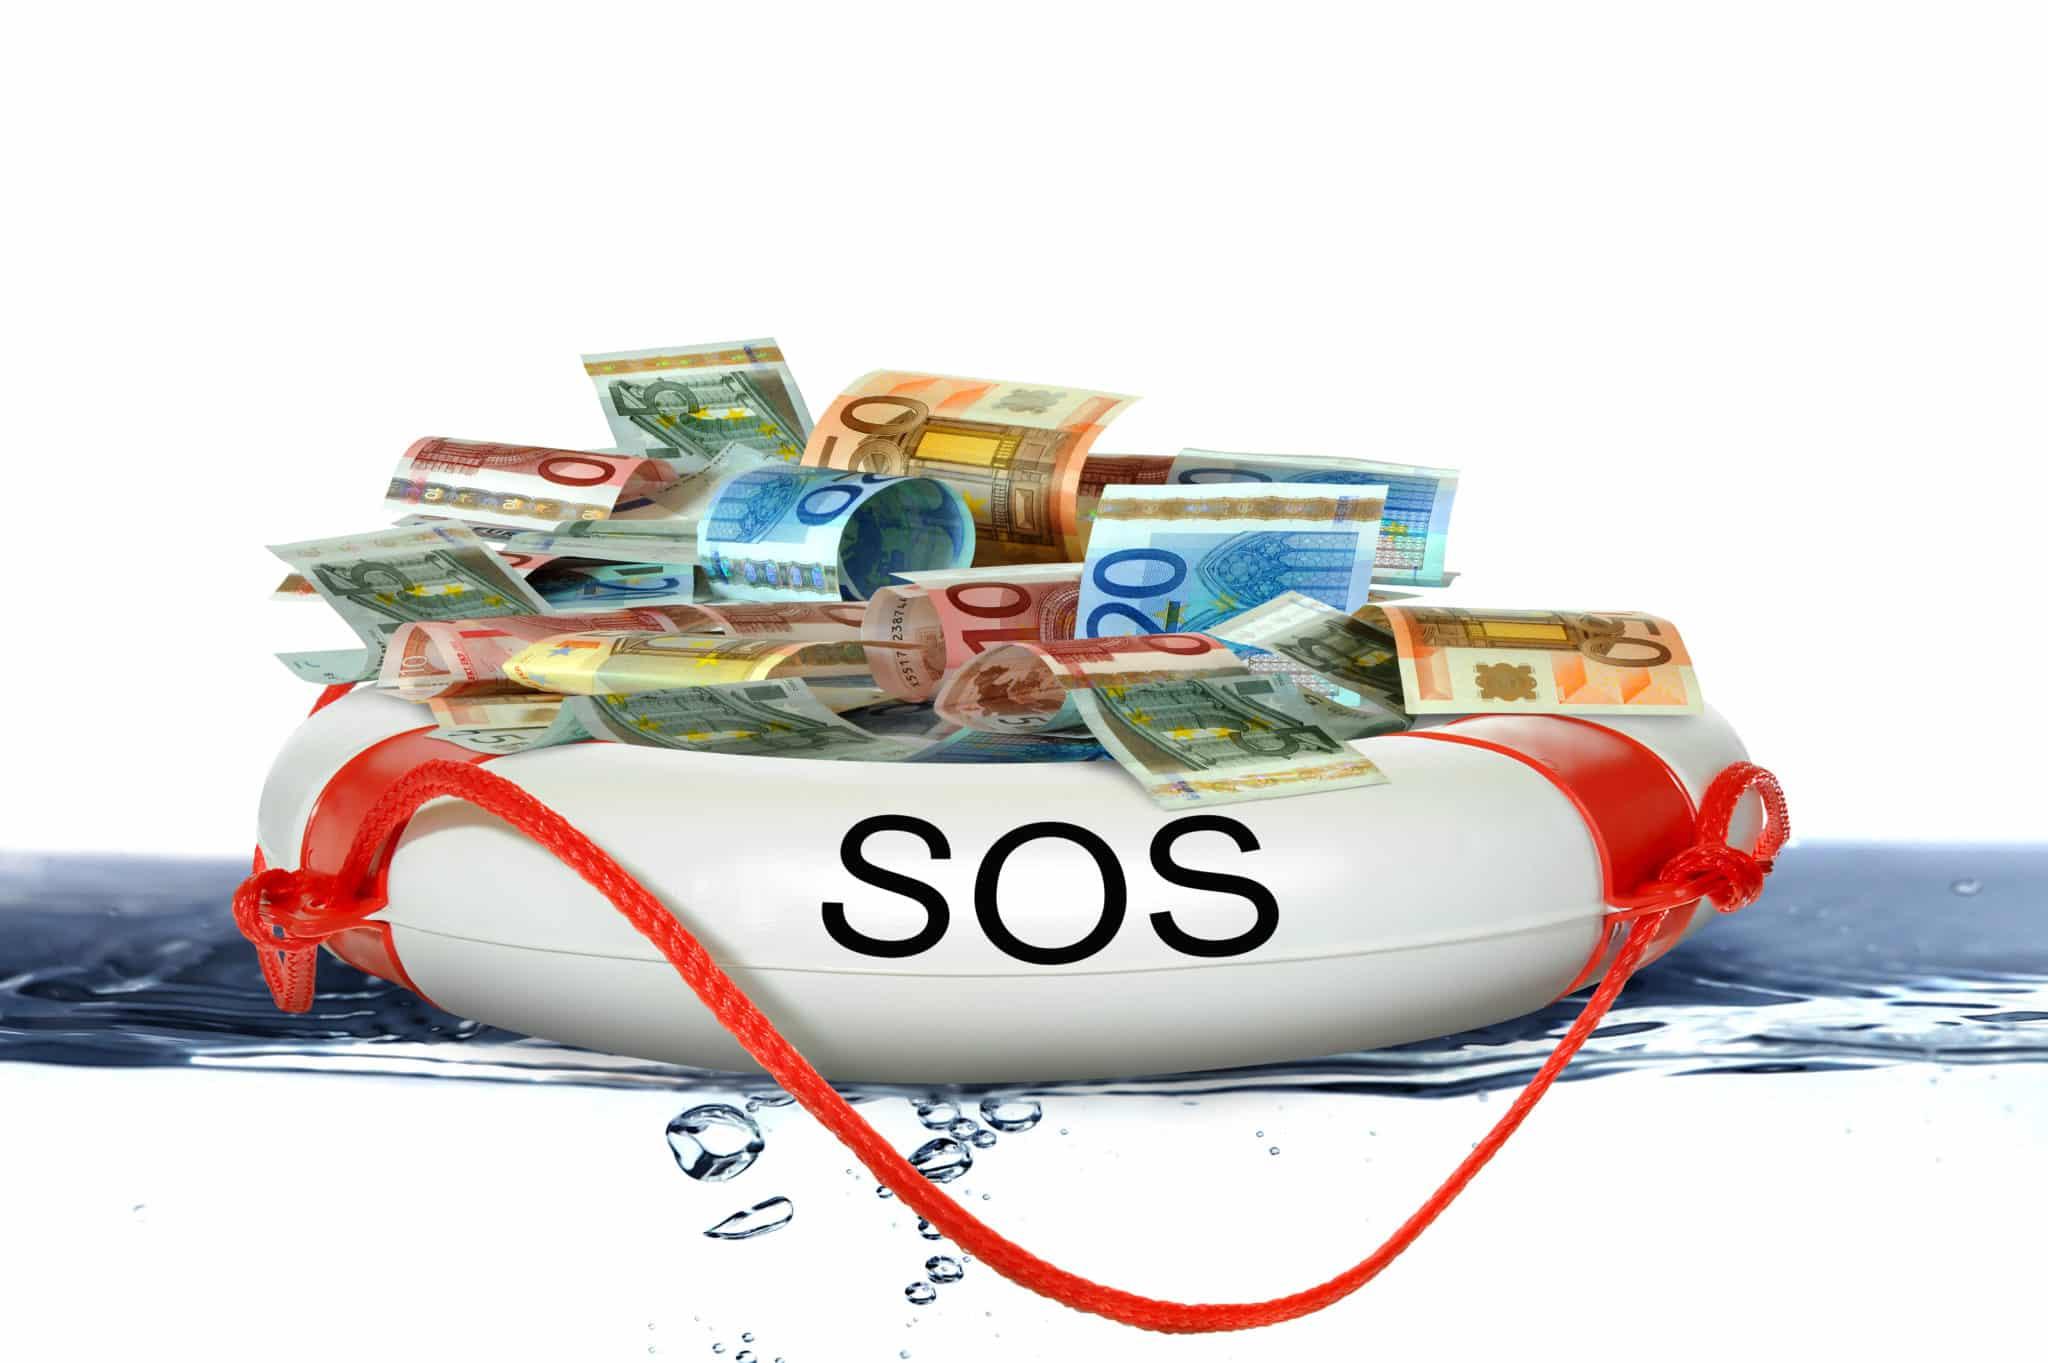 Loyers impayés, locataire insolvable : quelle responsabilité pour l'agence immobilière ?